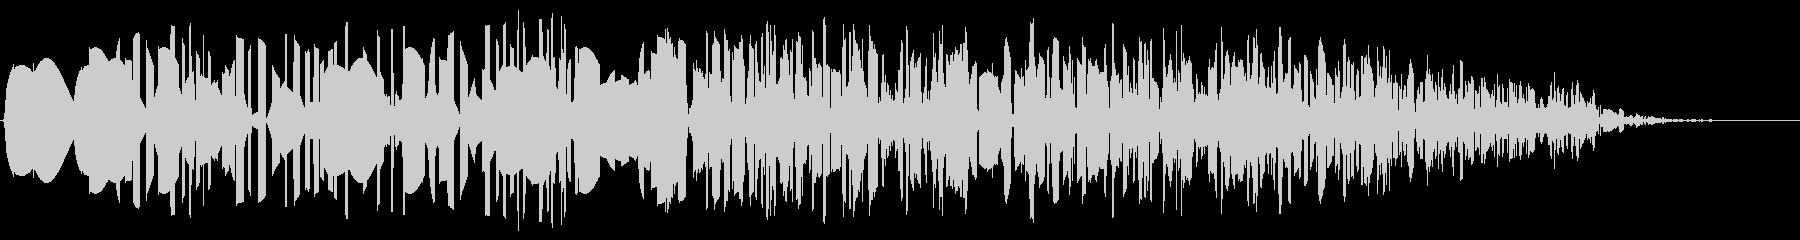 ファミコン風_ 魔法音3の未再生の波形